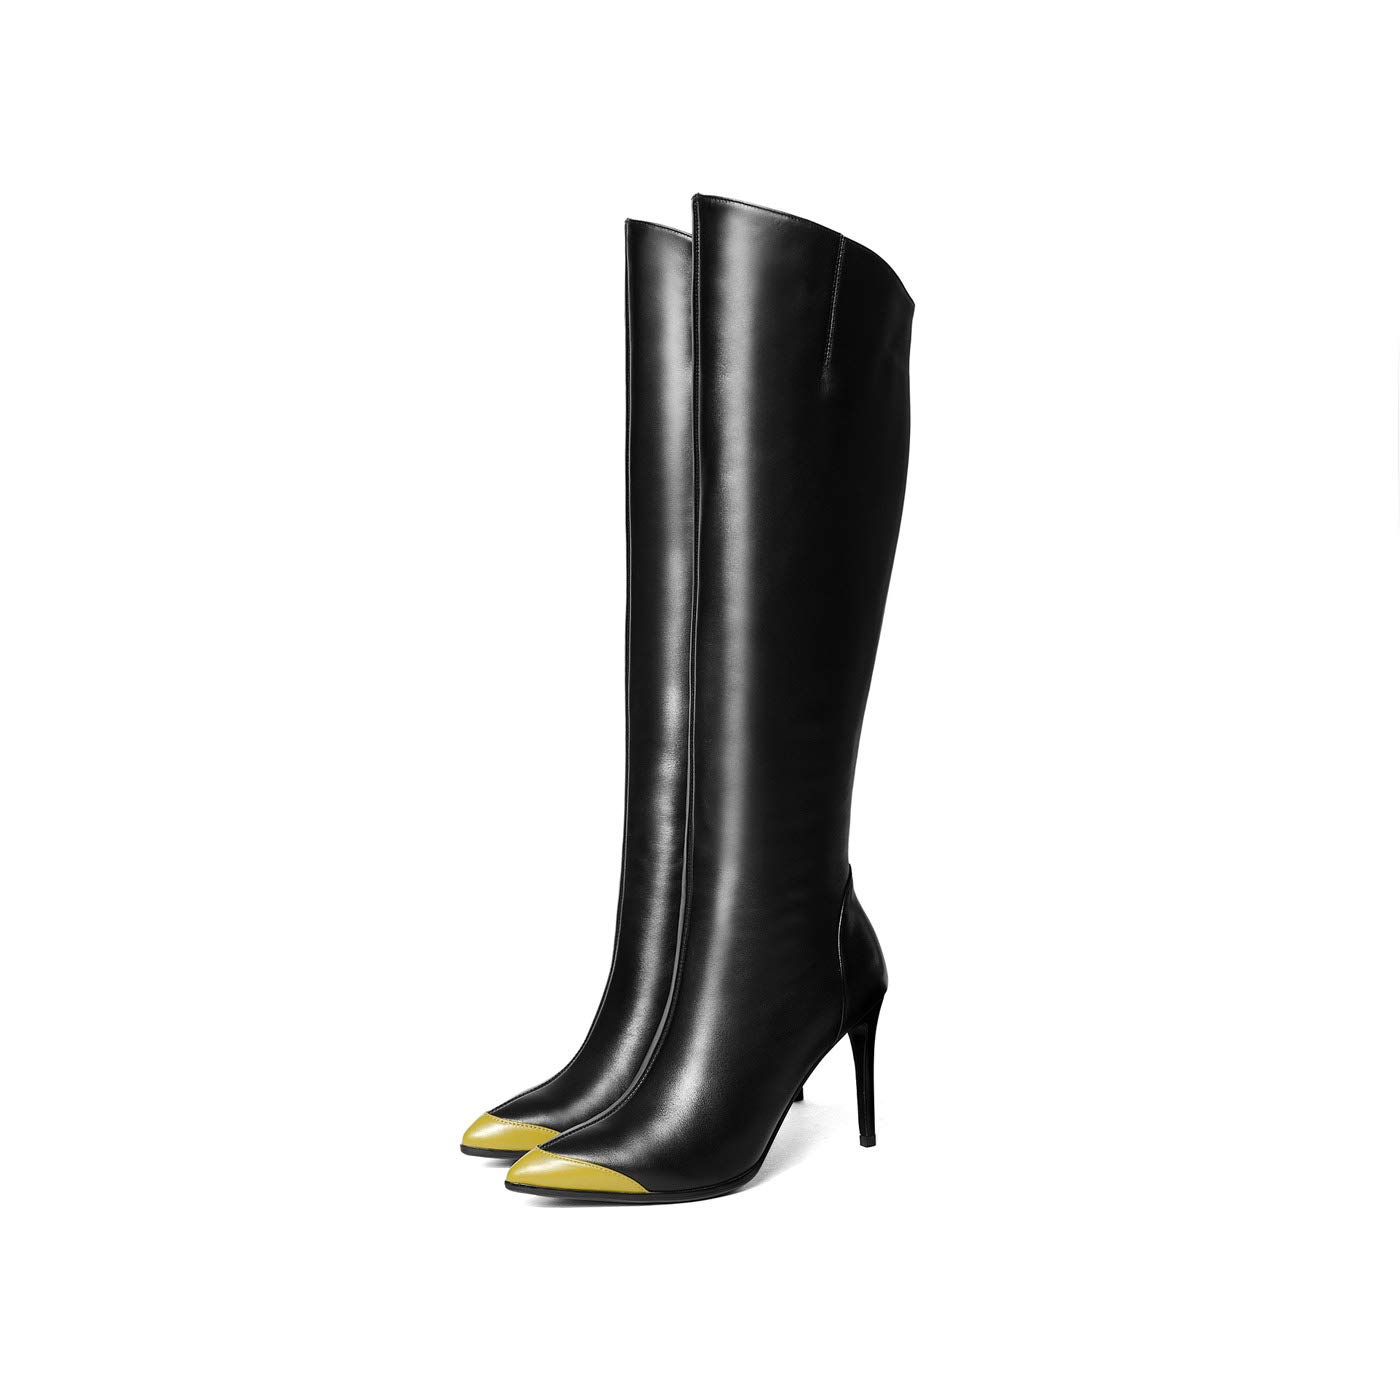 DANDANJIE damen Kniestiefel Stiletto Heel ethnischen Vintage hohe Stiefel mit Reißverschluss im Freien für Herbst & Winter